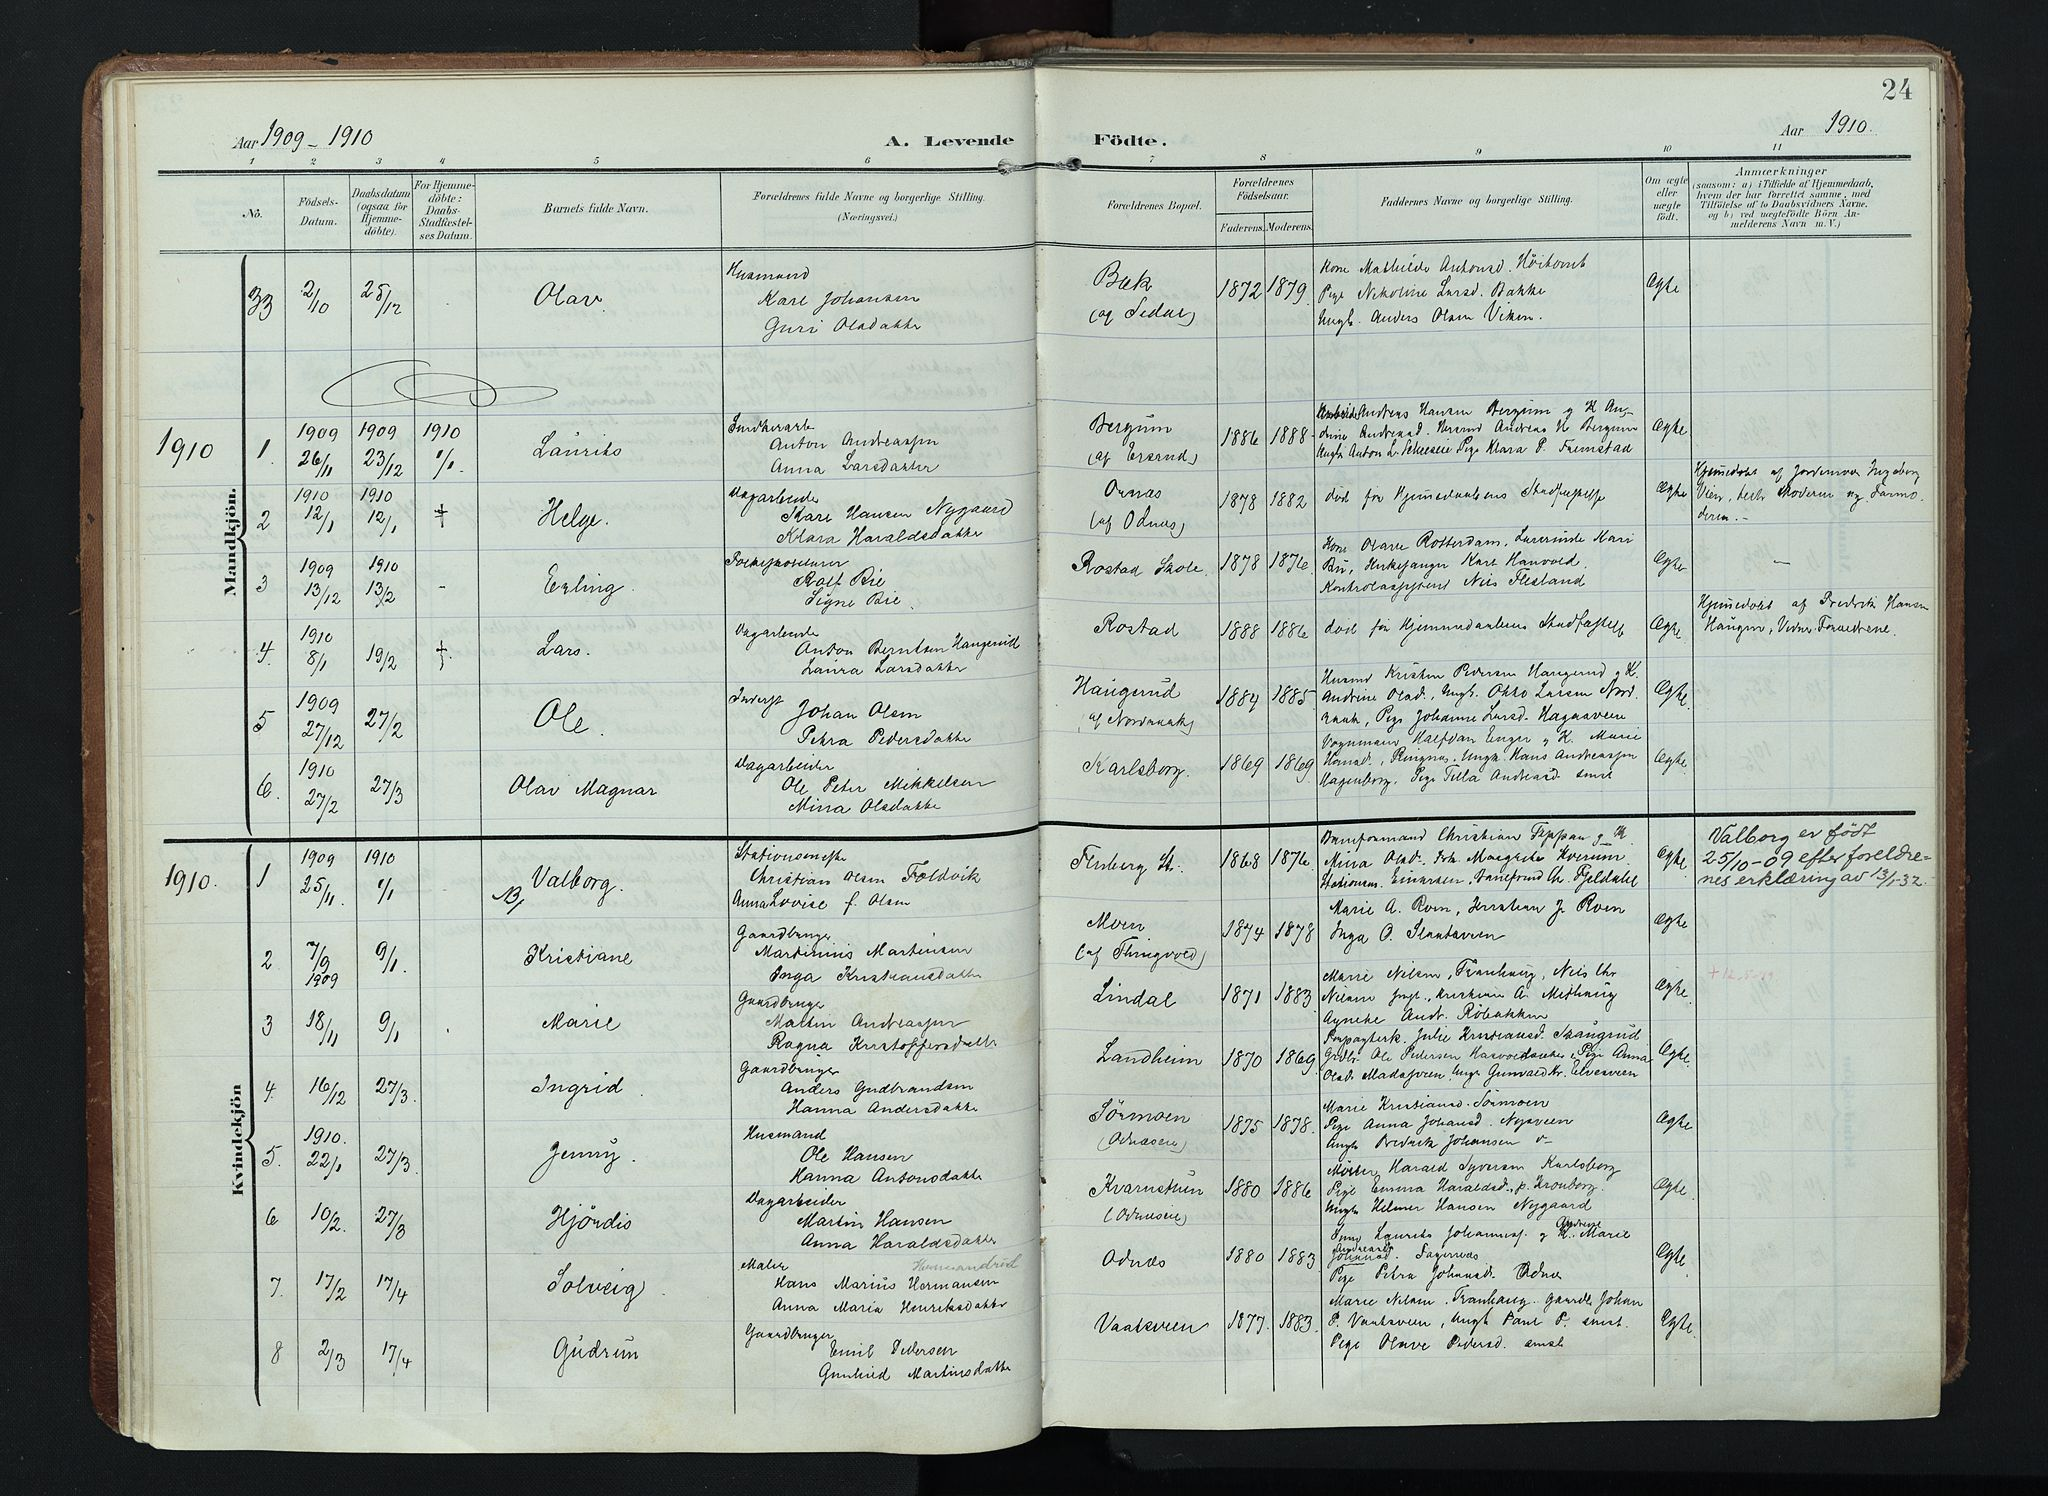 SAH, Søndre Land prestekontor, K/L0005: Ministerialbok nr. 5, 1905-1914, s. 24